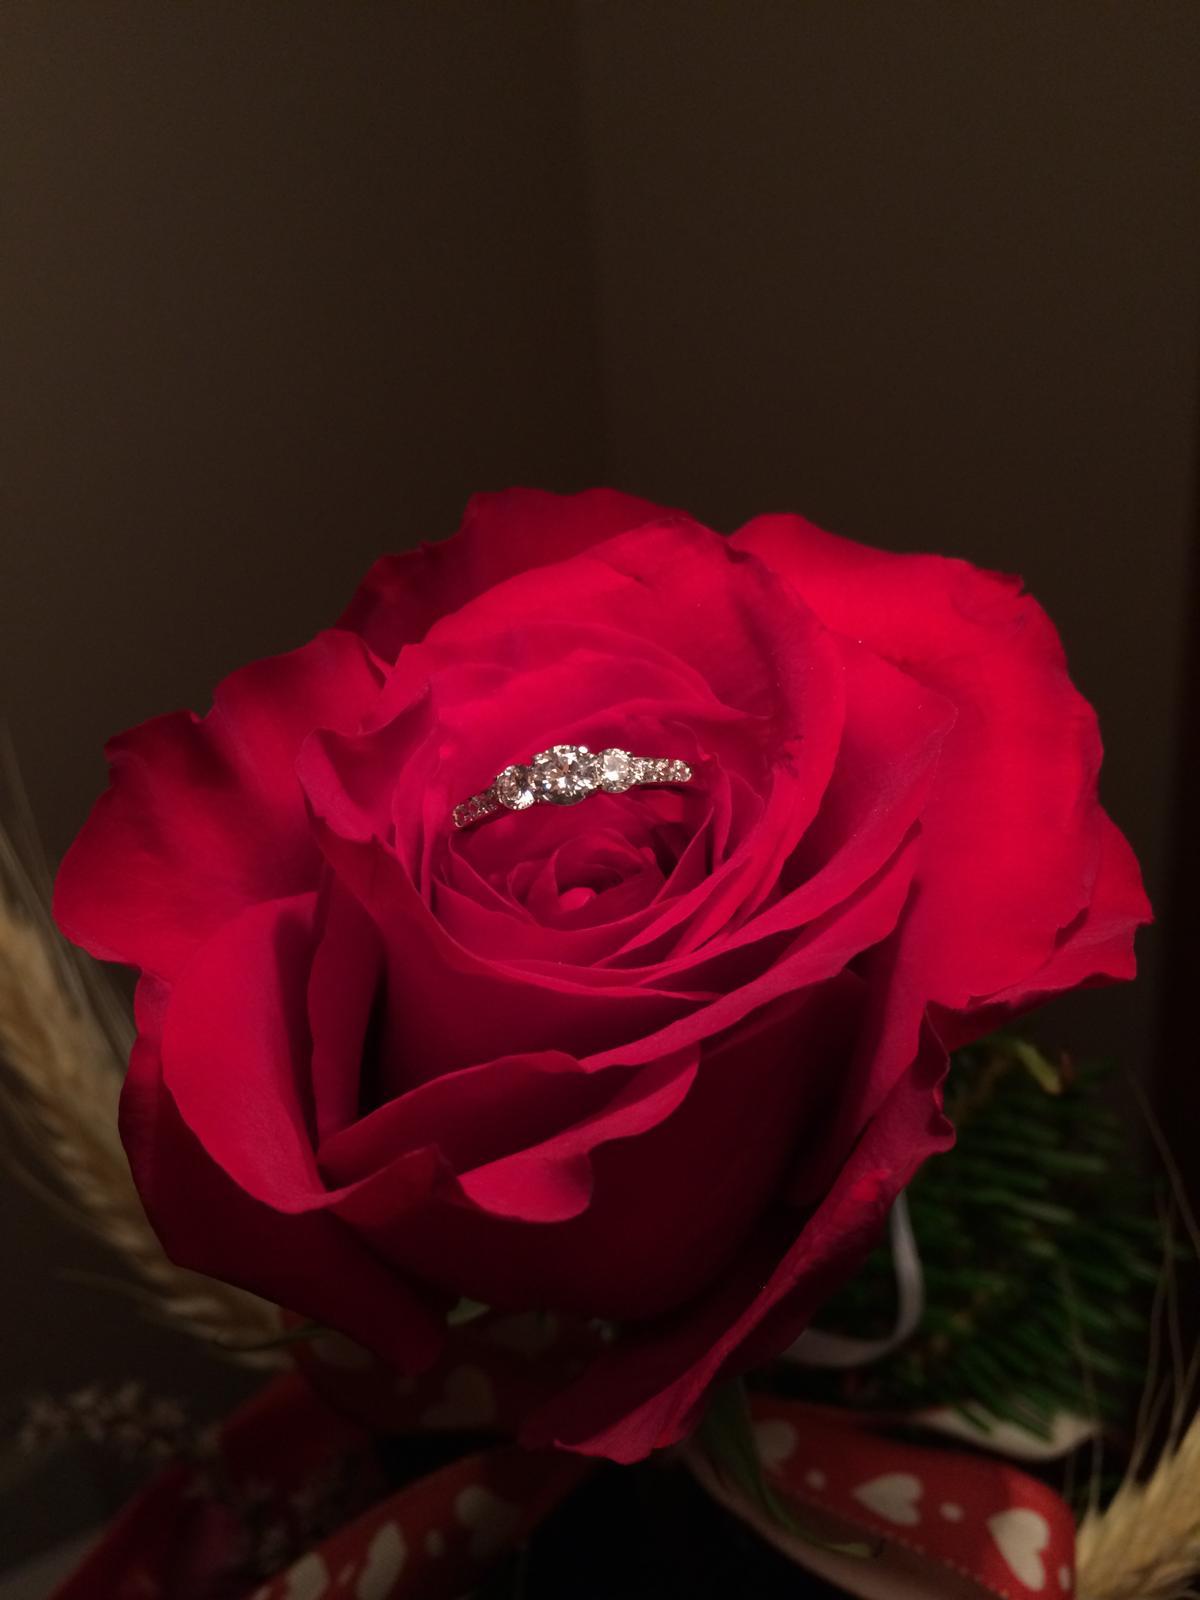 ❤ ❤ Zásnuby ❤ ❤ - Ruže dostávam od drahého často, ale táto bola výnimočná :)